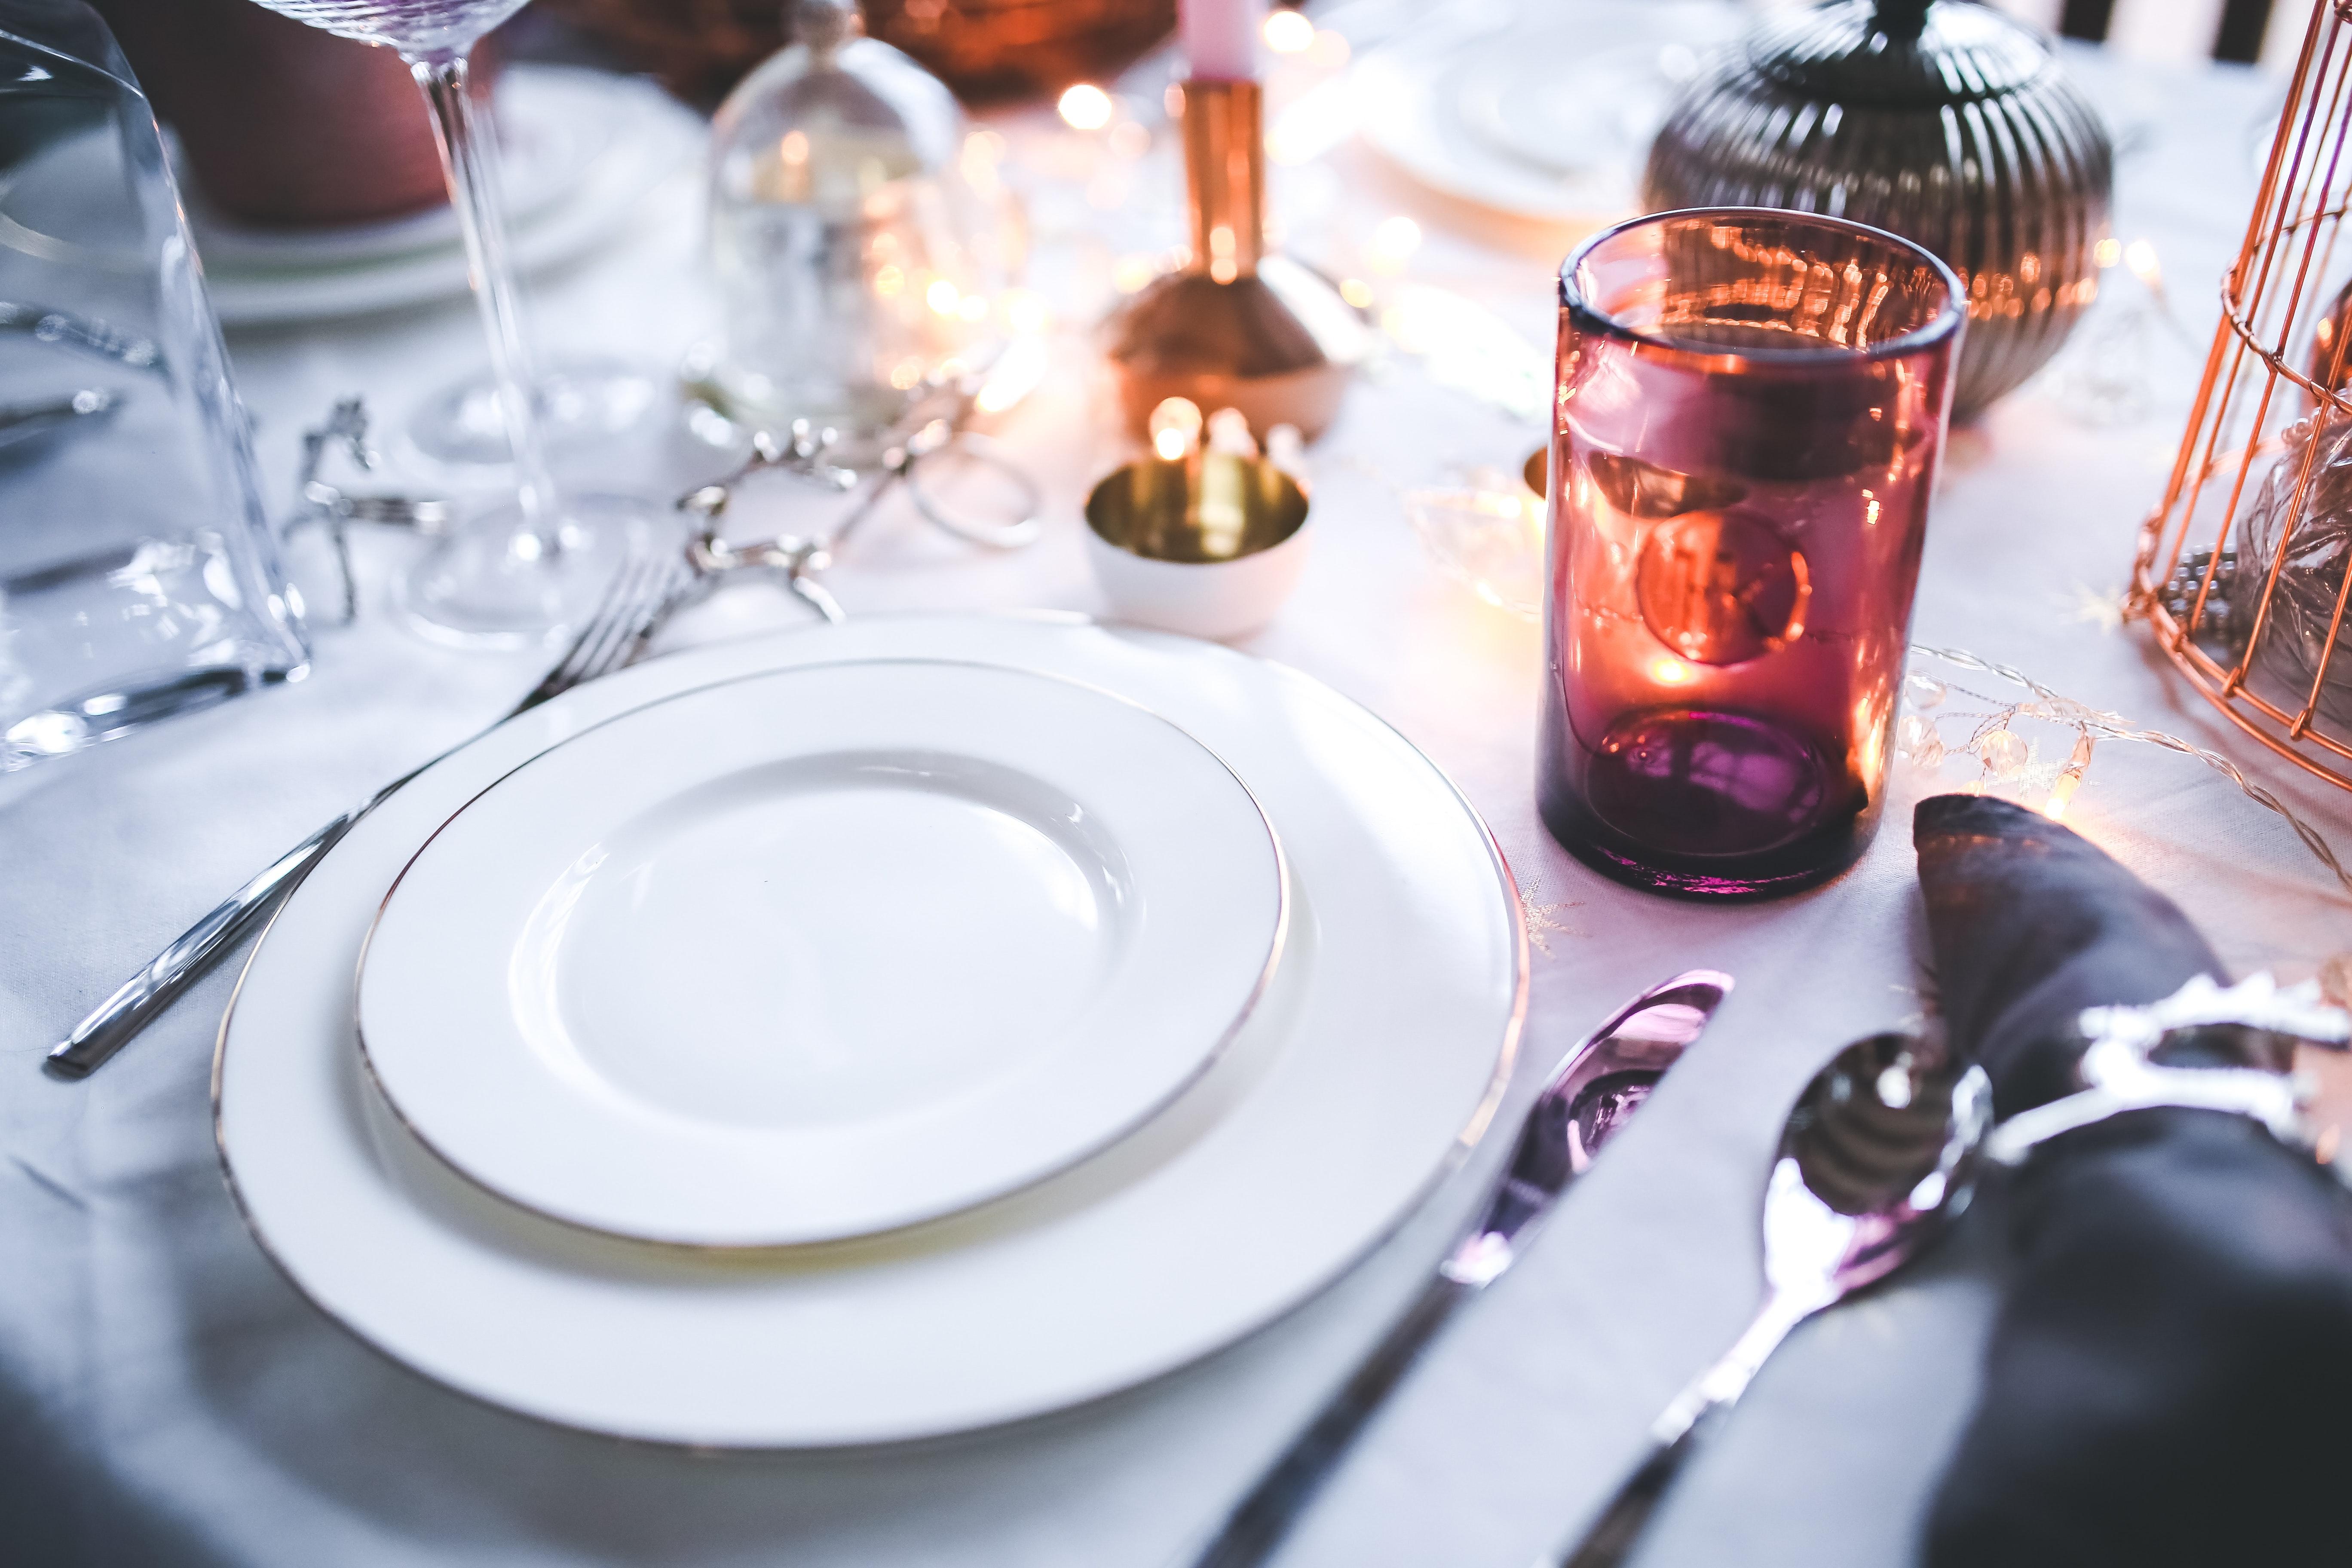 Sewa Properti Food Photography Secara Gratis